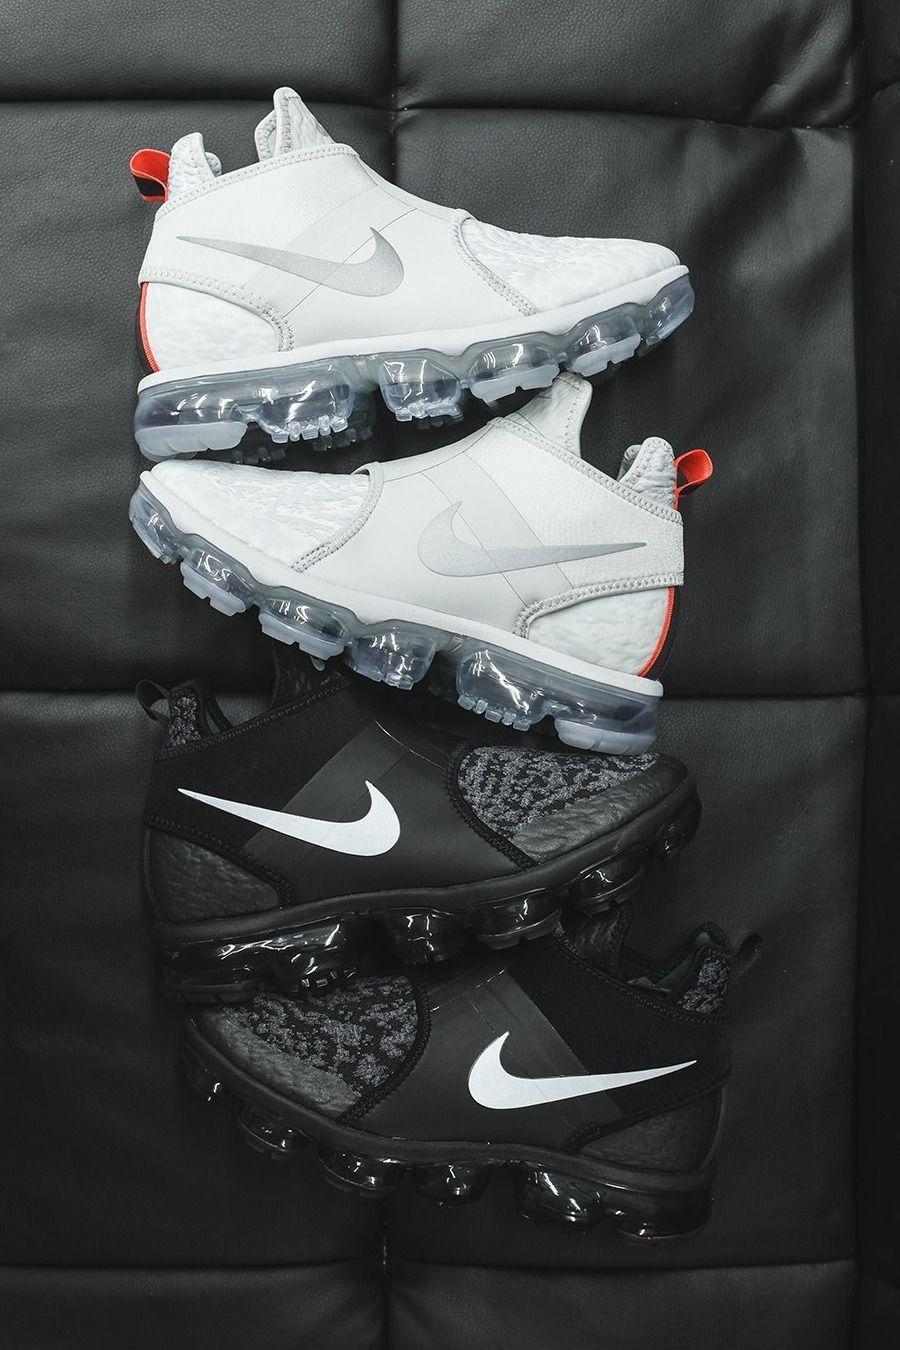 e25e43ce397 Nike Air Vapormax Chukka Slip (via KITH)   SNS